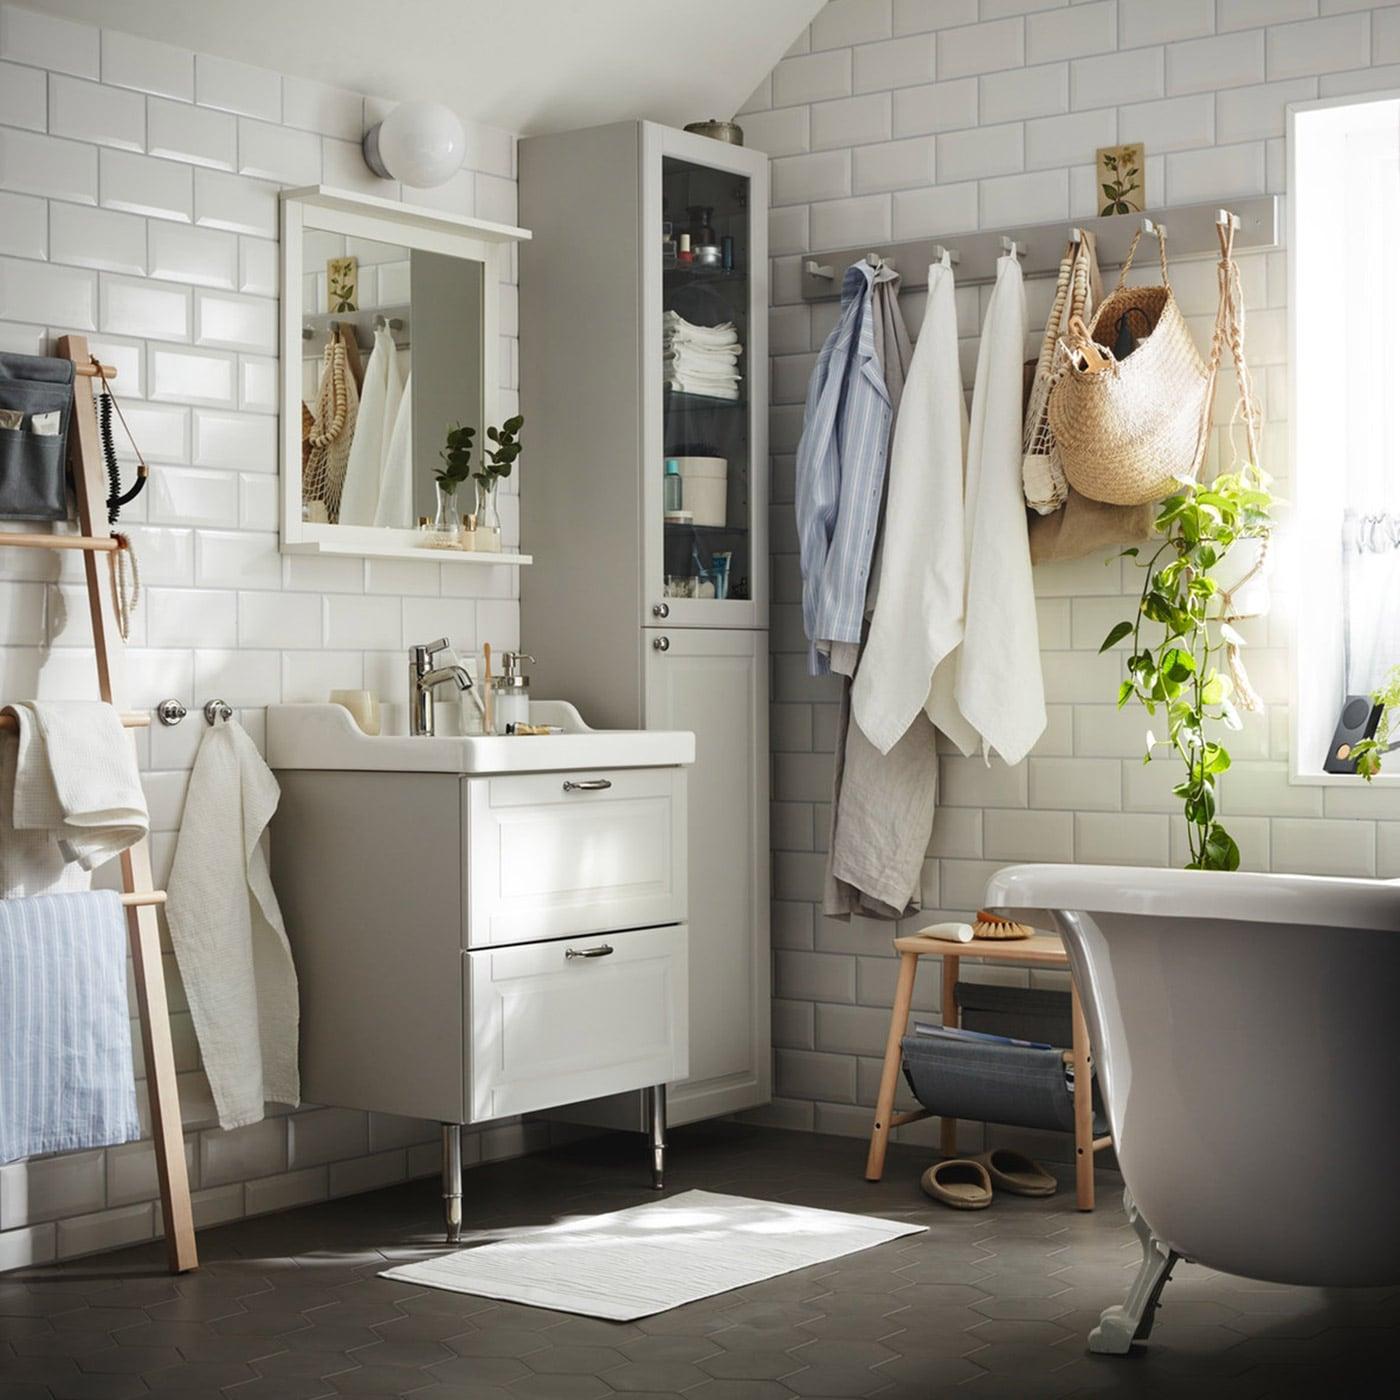 Et badeværelse med lysegrå låger i traditionel stil.